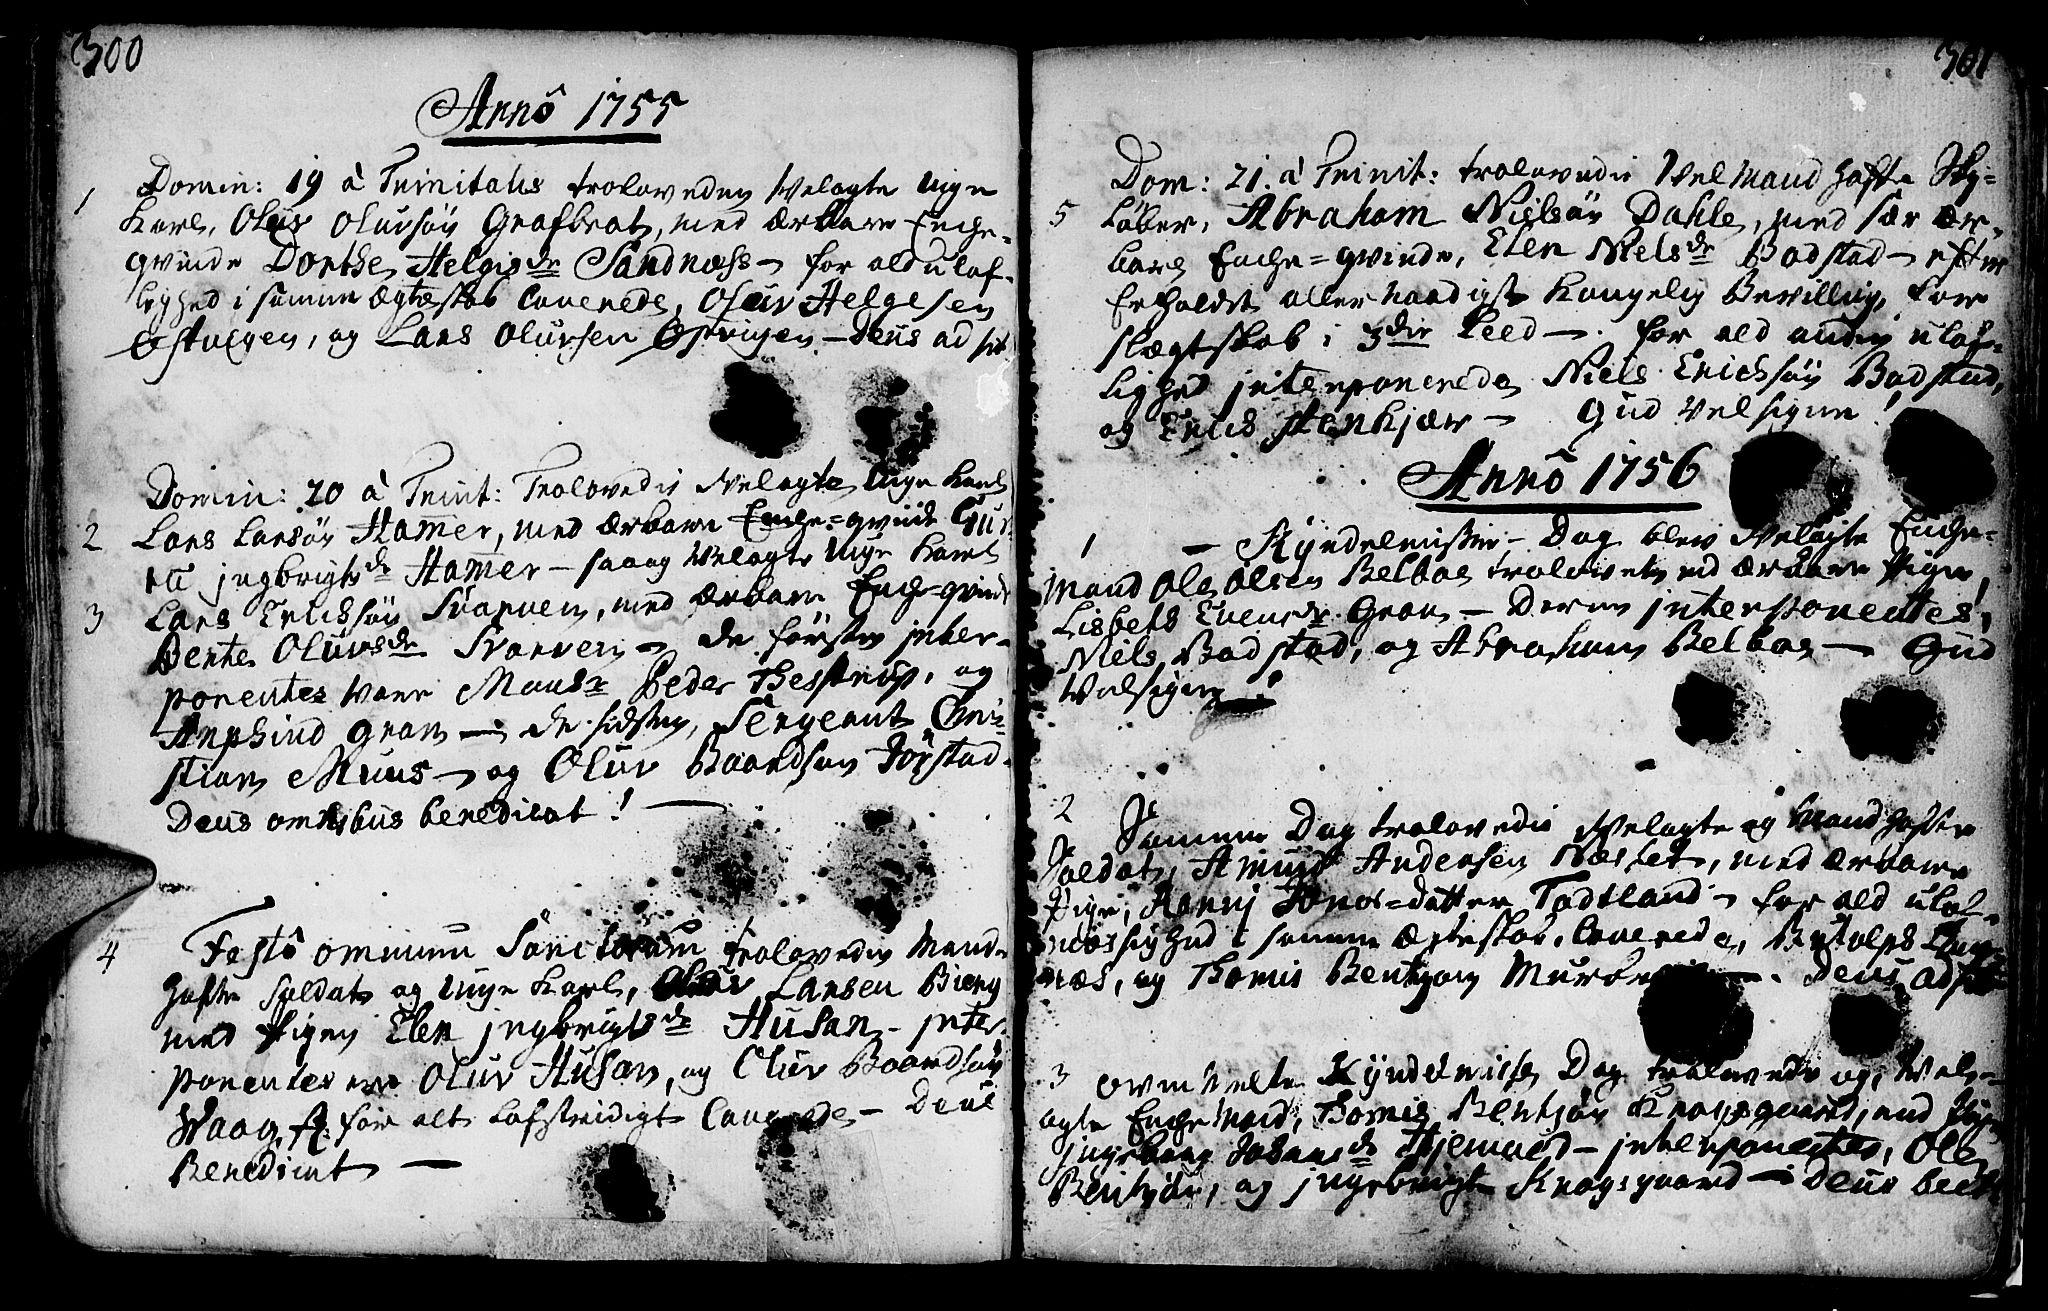 SAT, Ministerialprotokoller, klokkerbøker og fødselsregistre - Nord-Trøndelag, 749/L0467: Ministerialbok nr. 749A01, 1733-1787, s. 300-301